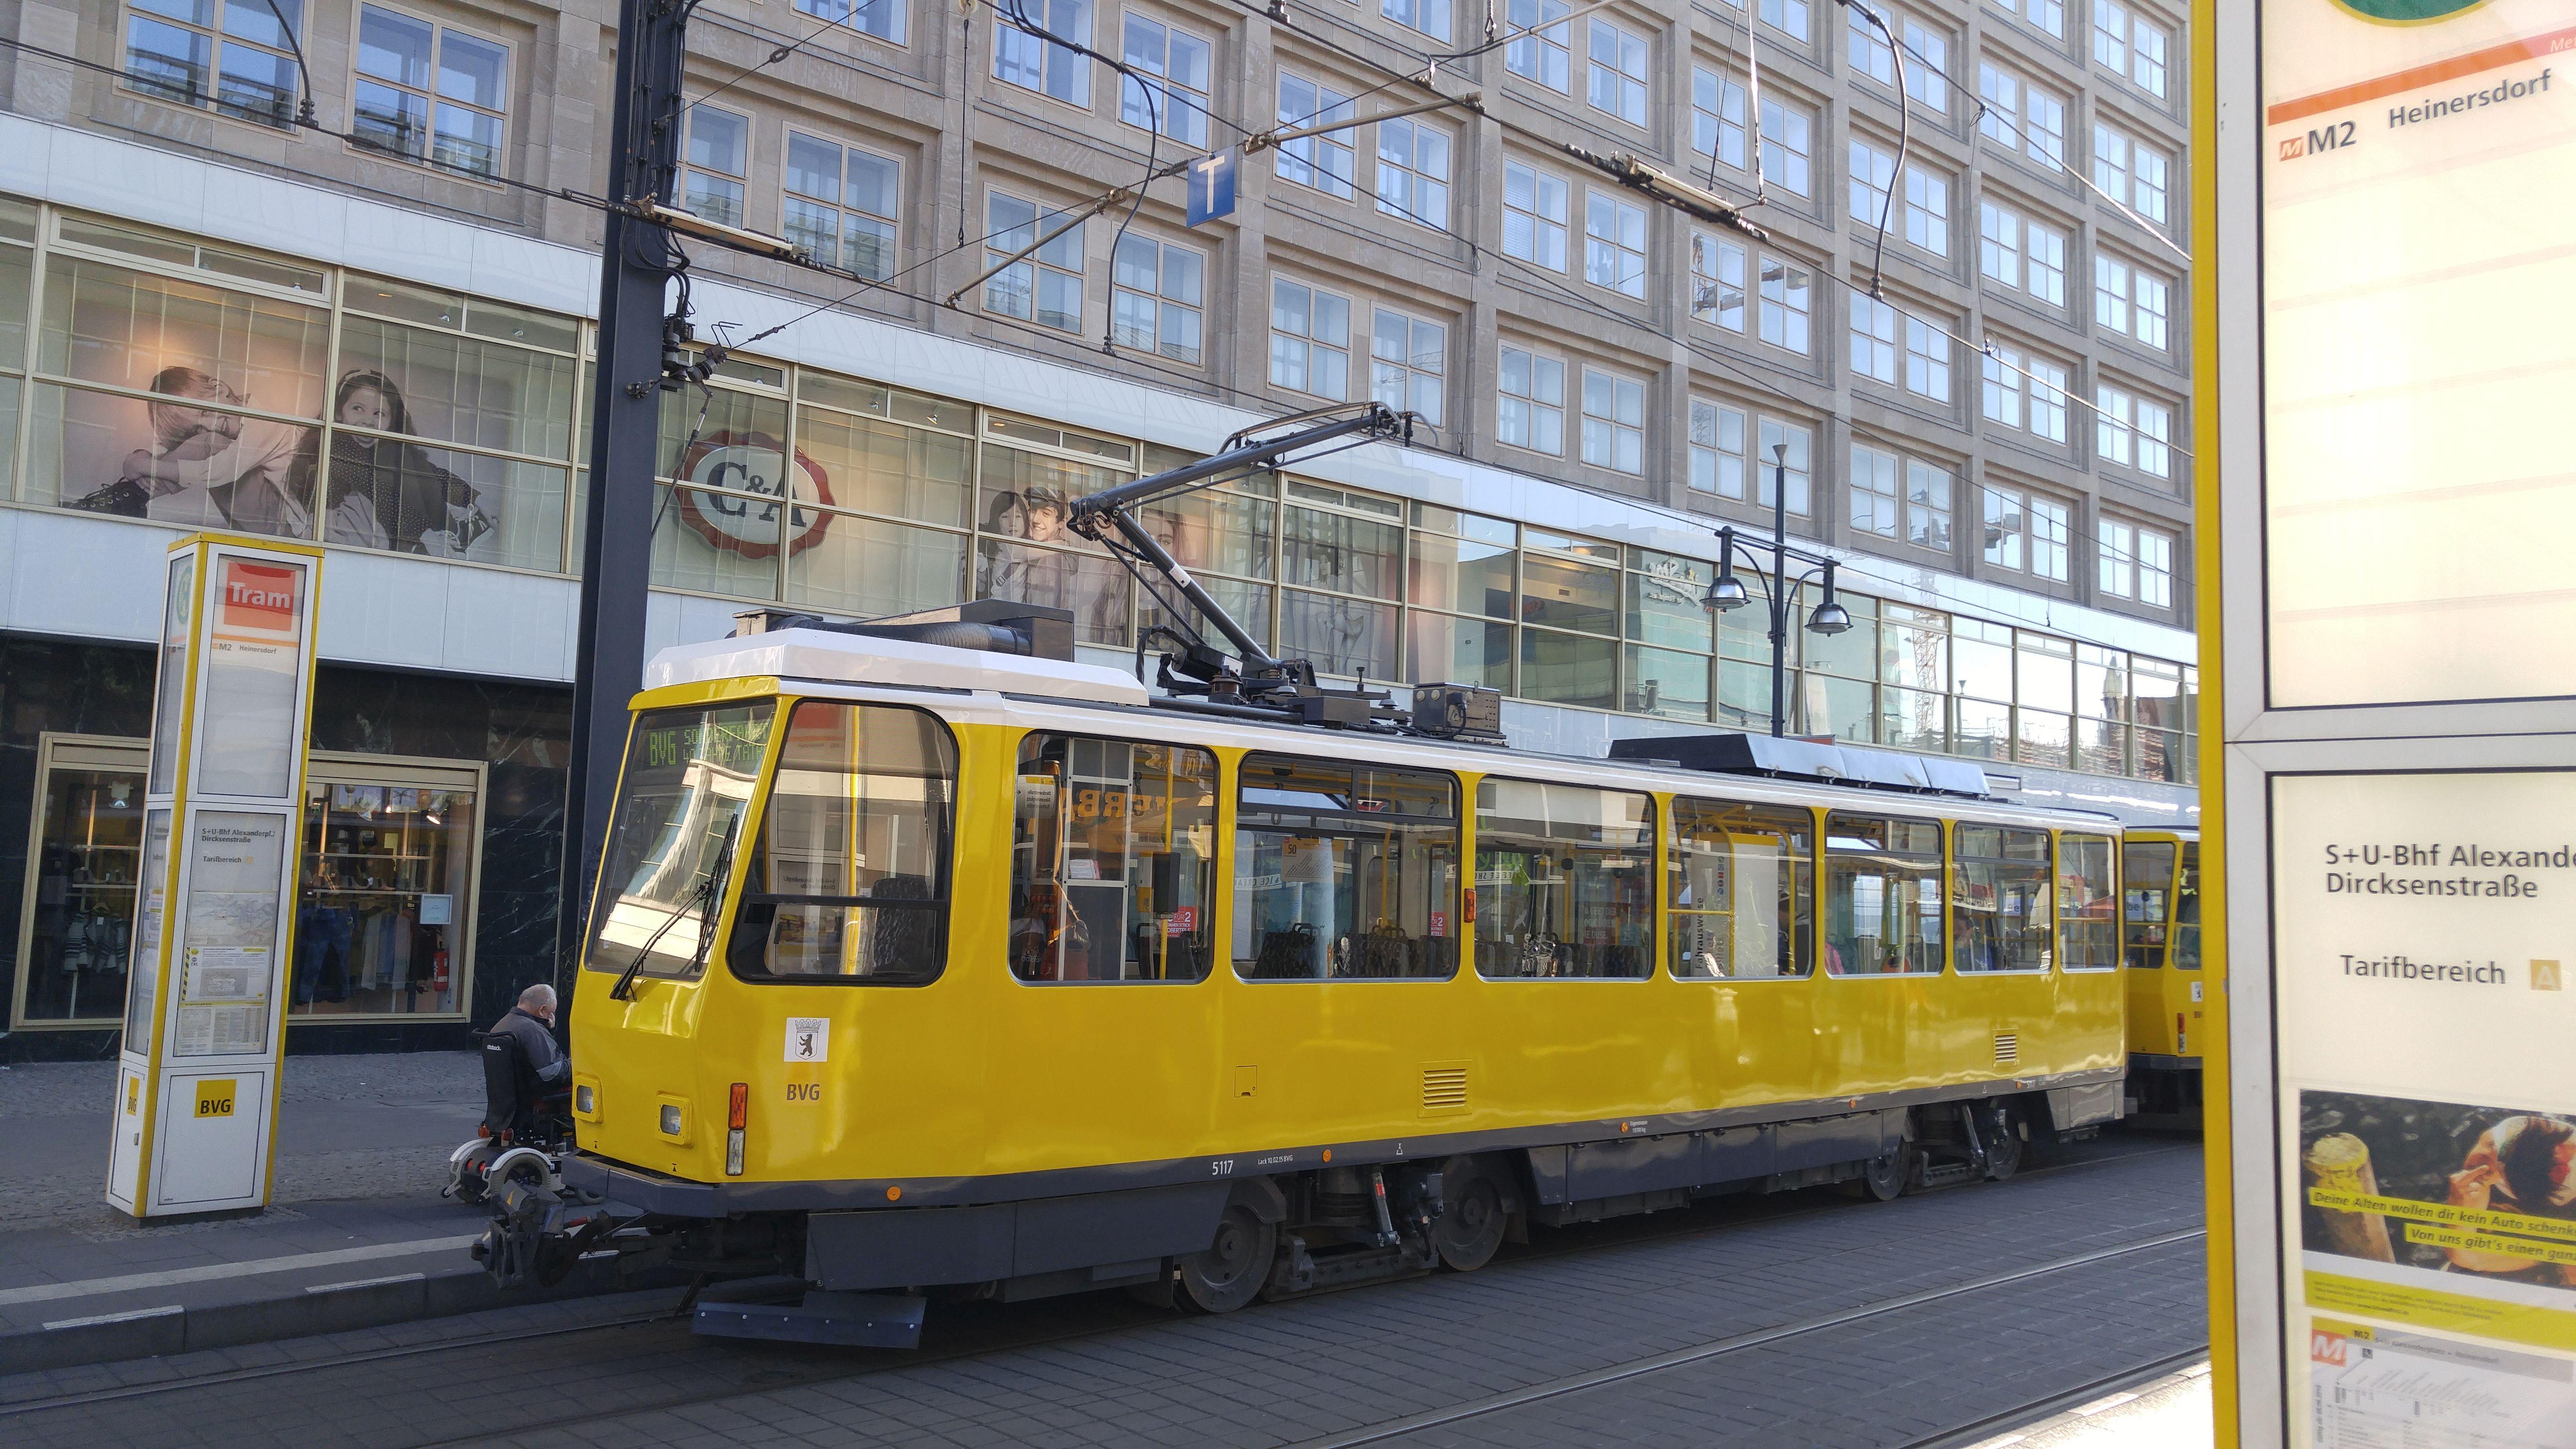 """Foto: Straßenbahn 5117, Typ Tatra T6A2, """"40 Jahre Tatra in Berlin"""", Alexanderplatz, 2016"""